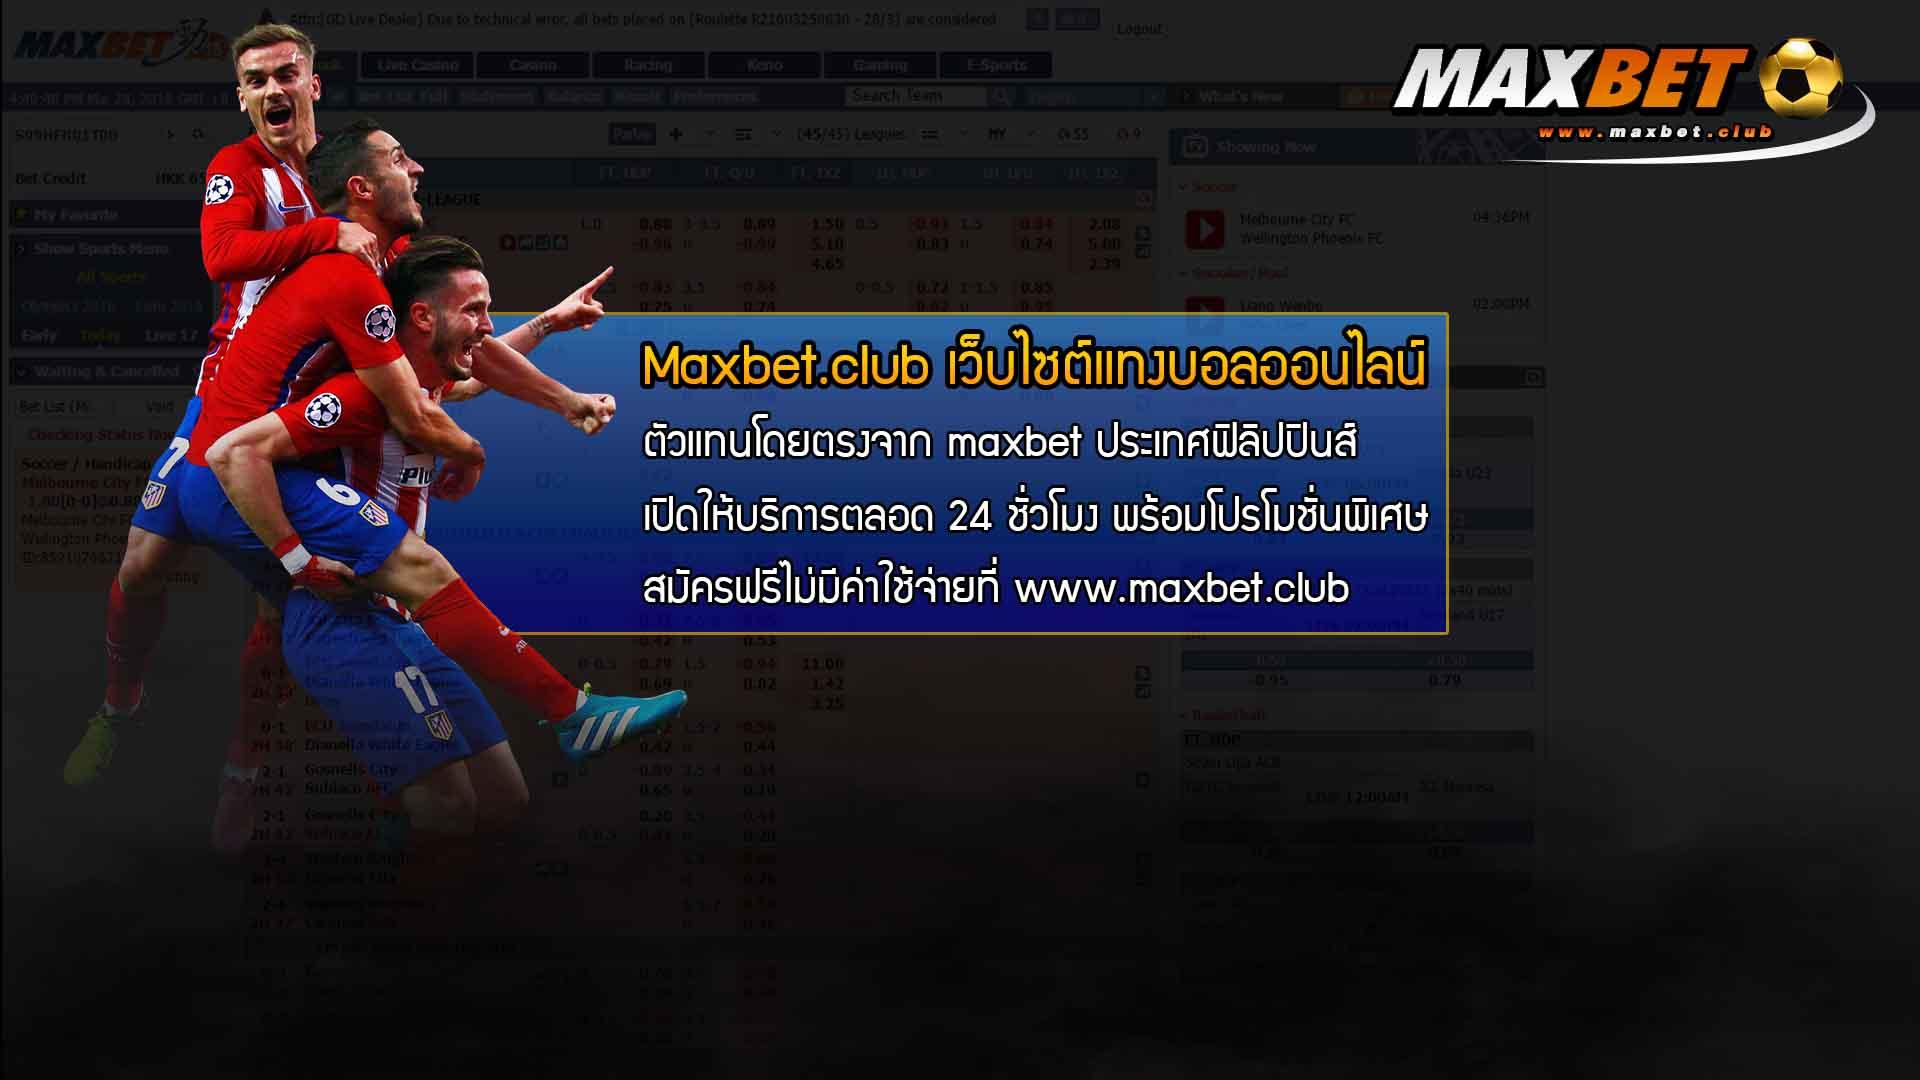 play_maxbetclub_24hr